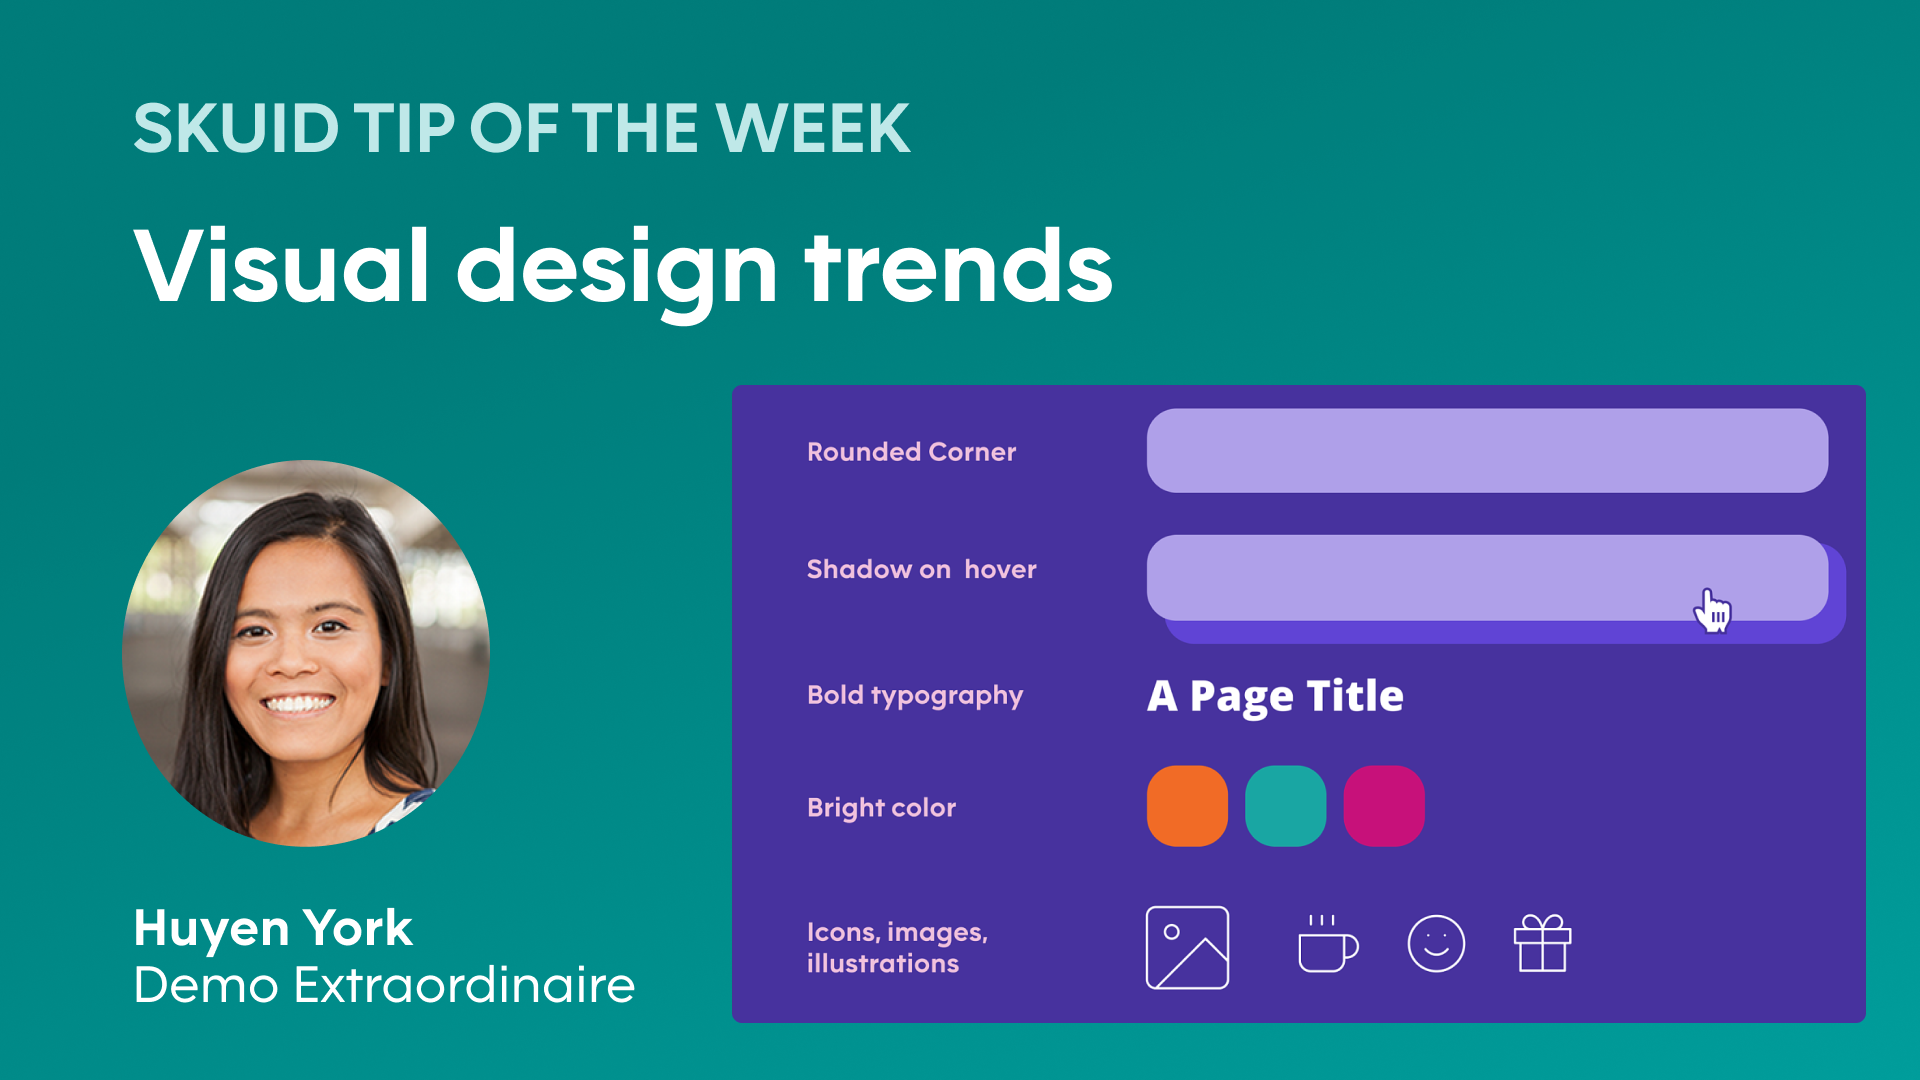 Skuid tip of the week | Visual design trends - Huyen York, Demo extraordinaire